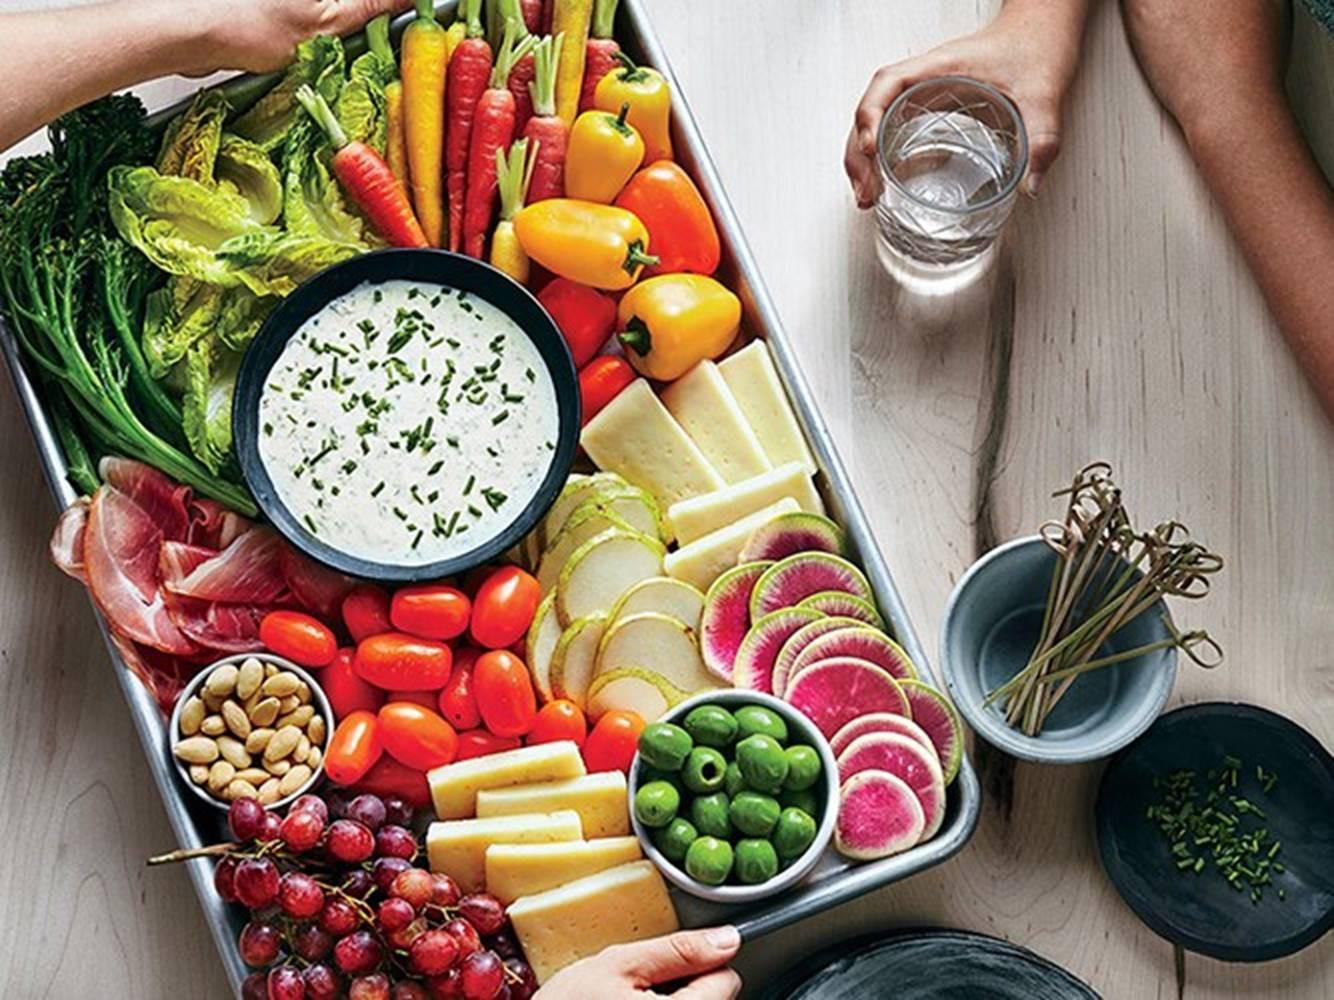 2018 rồi, muốn giảm cân hãy ăn chất lượng hơn chứ không phải ít hơn và đây là lí do-1